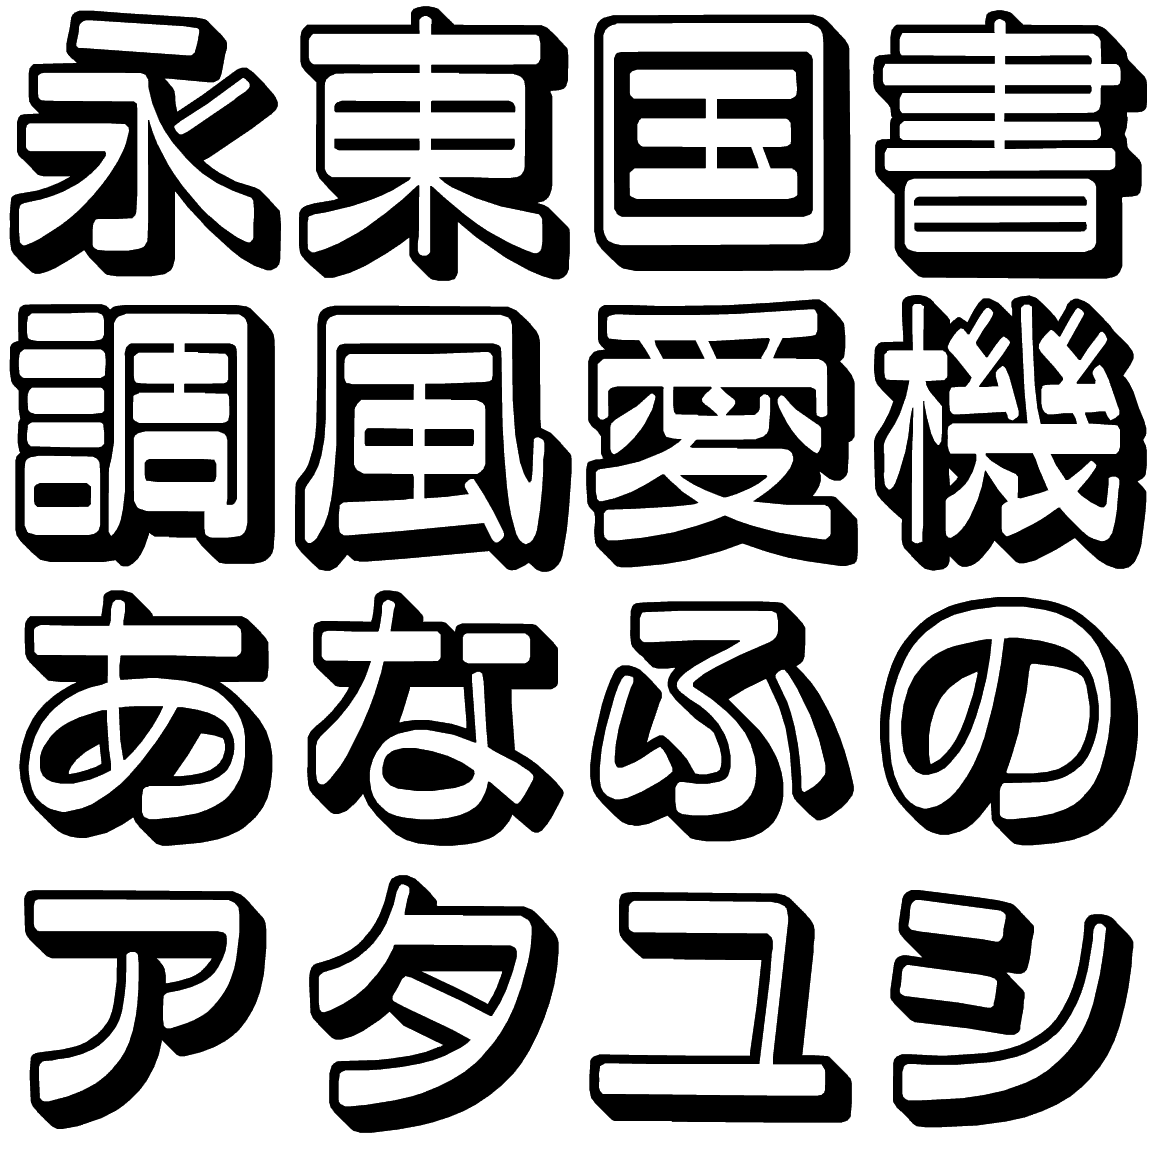 ファン蘭 OS OSFN 字形見本